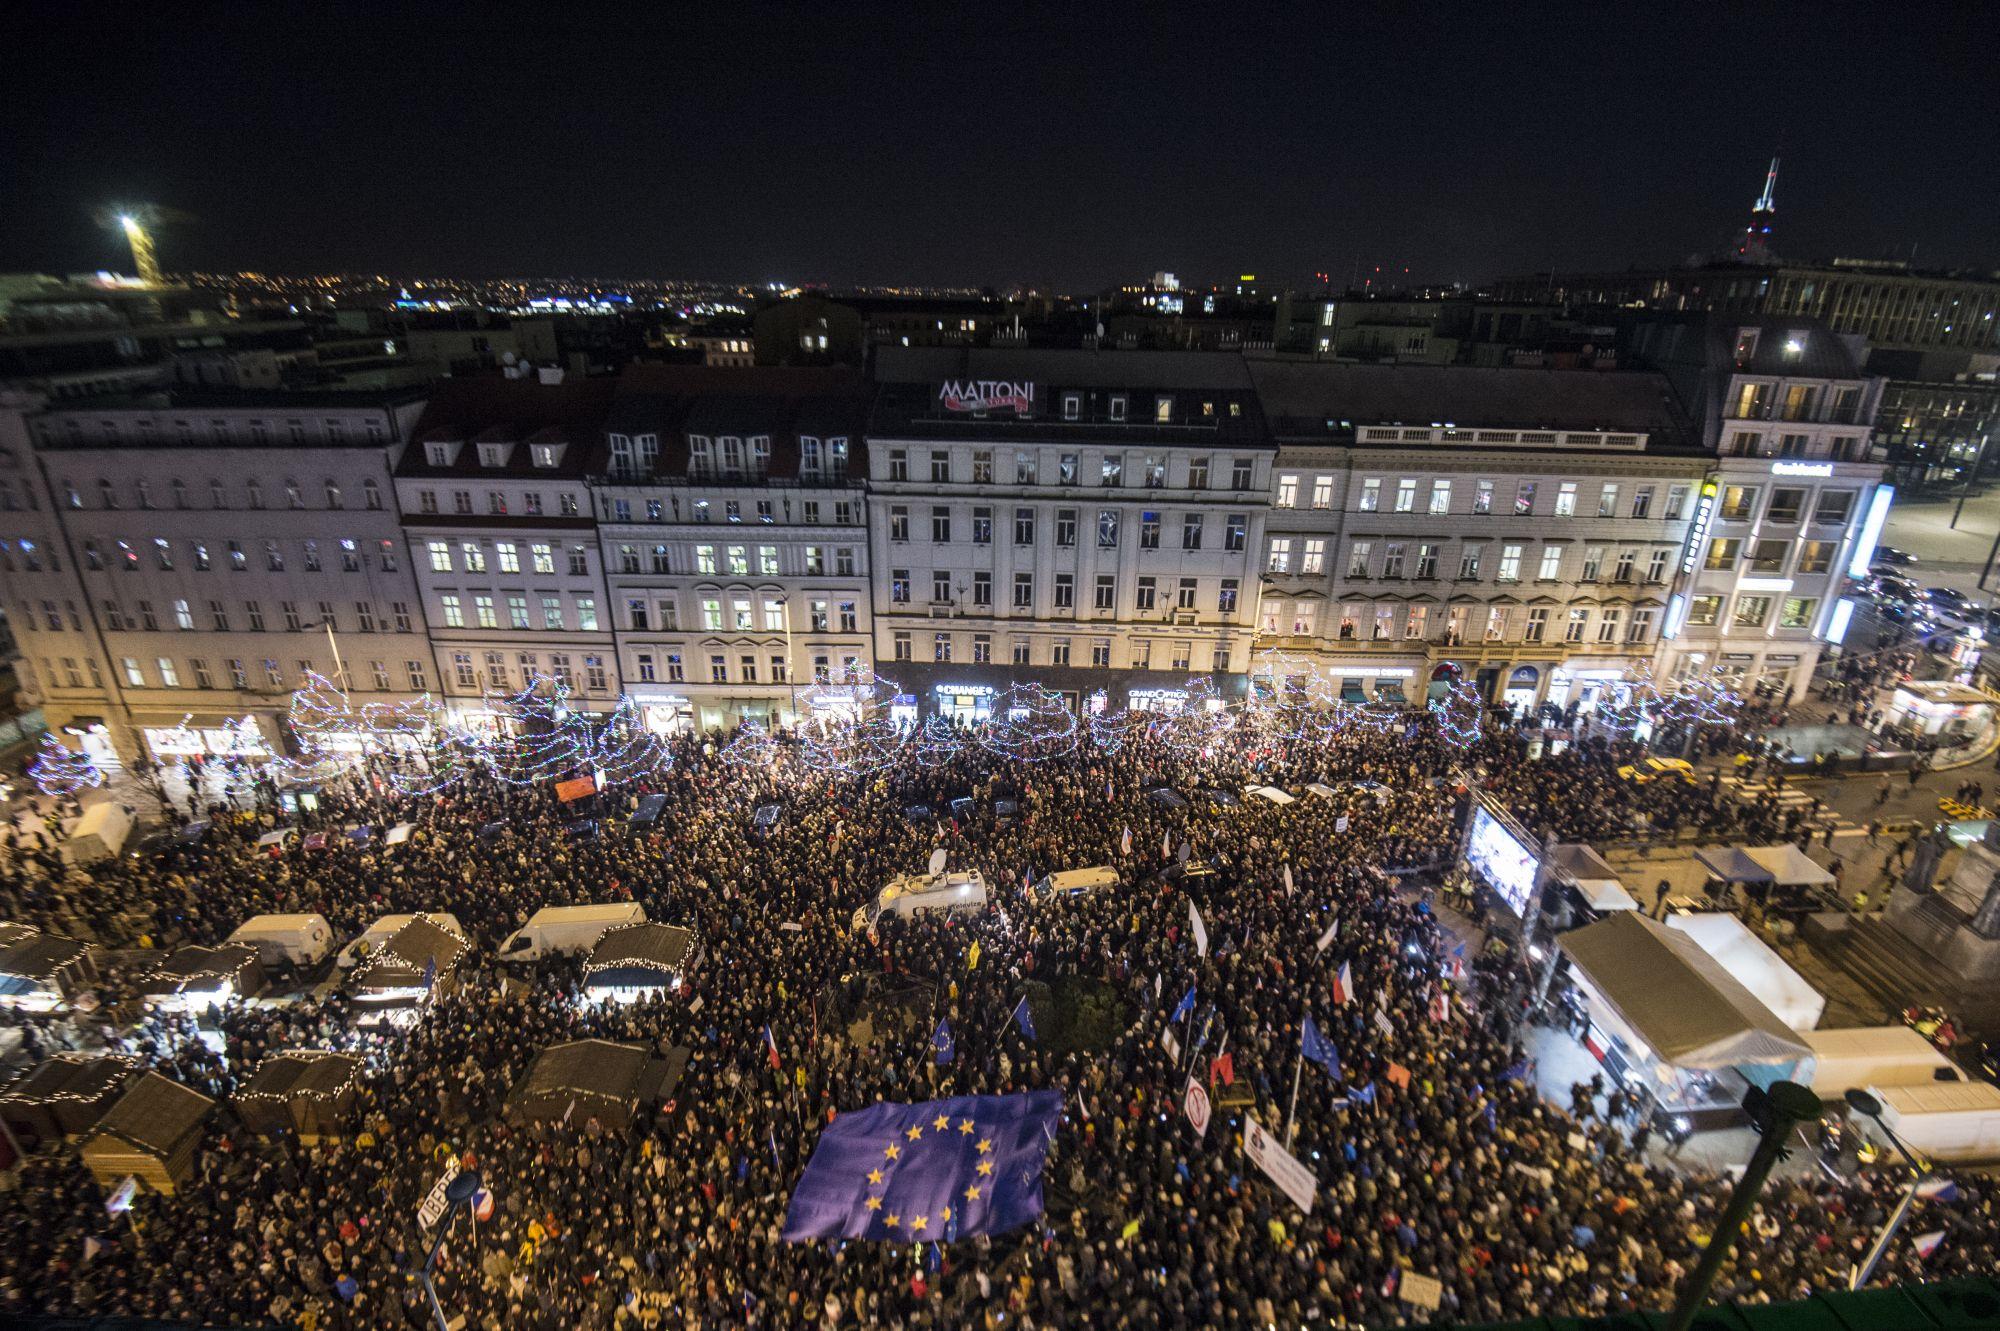 Tízezrek követelték Prágában a miniszterelnök lemondását